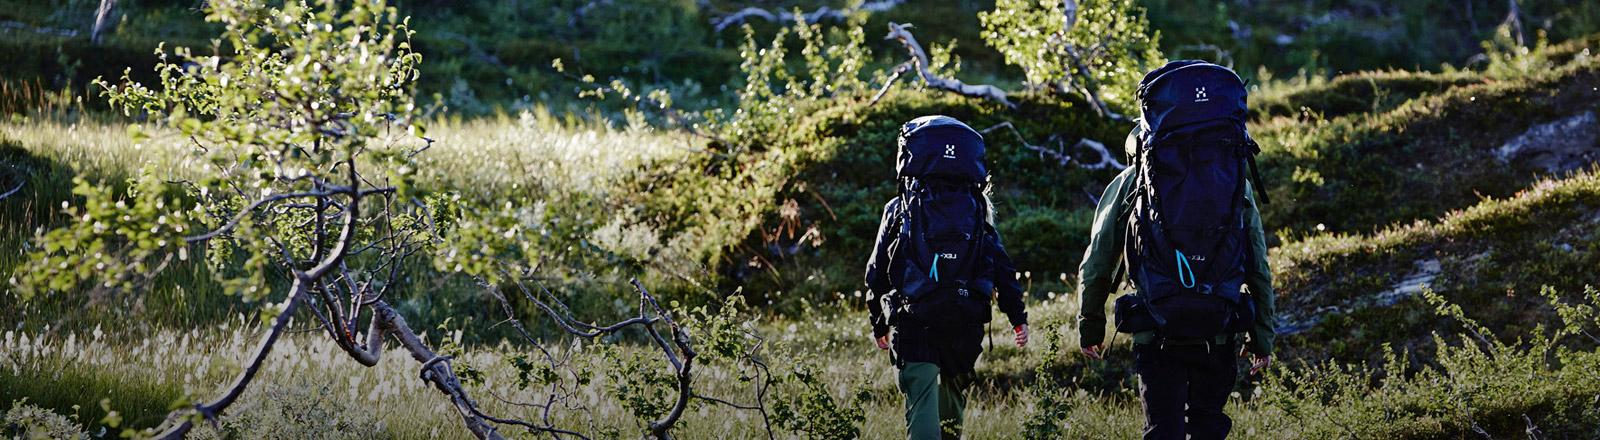 Zwei Wanderer mit Trekking-Rucksäcken